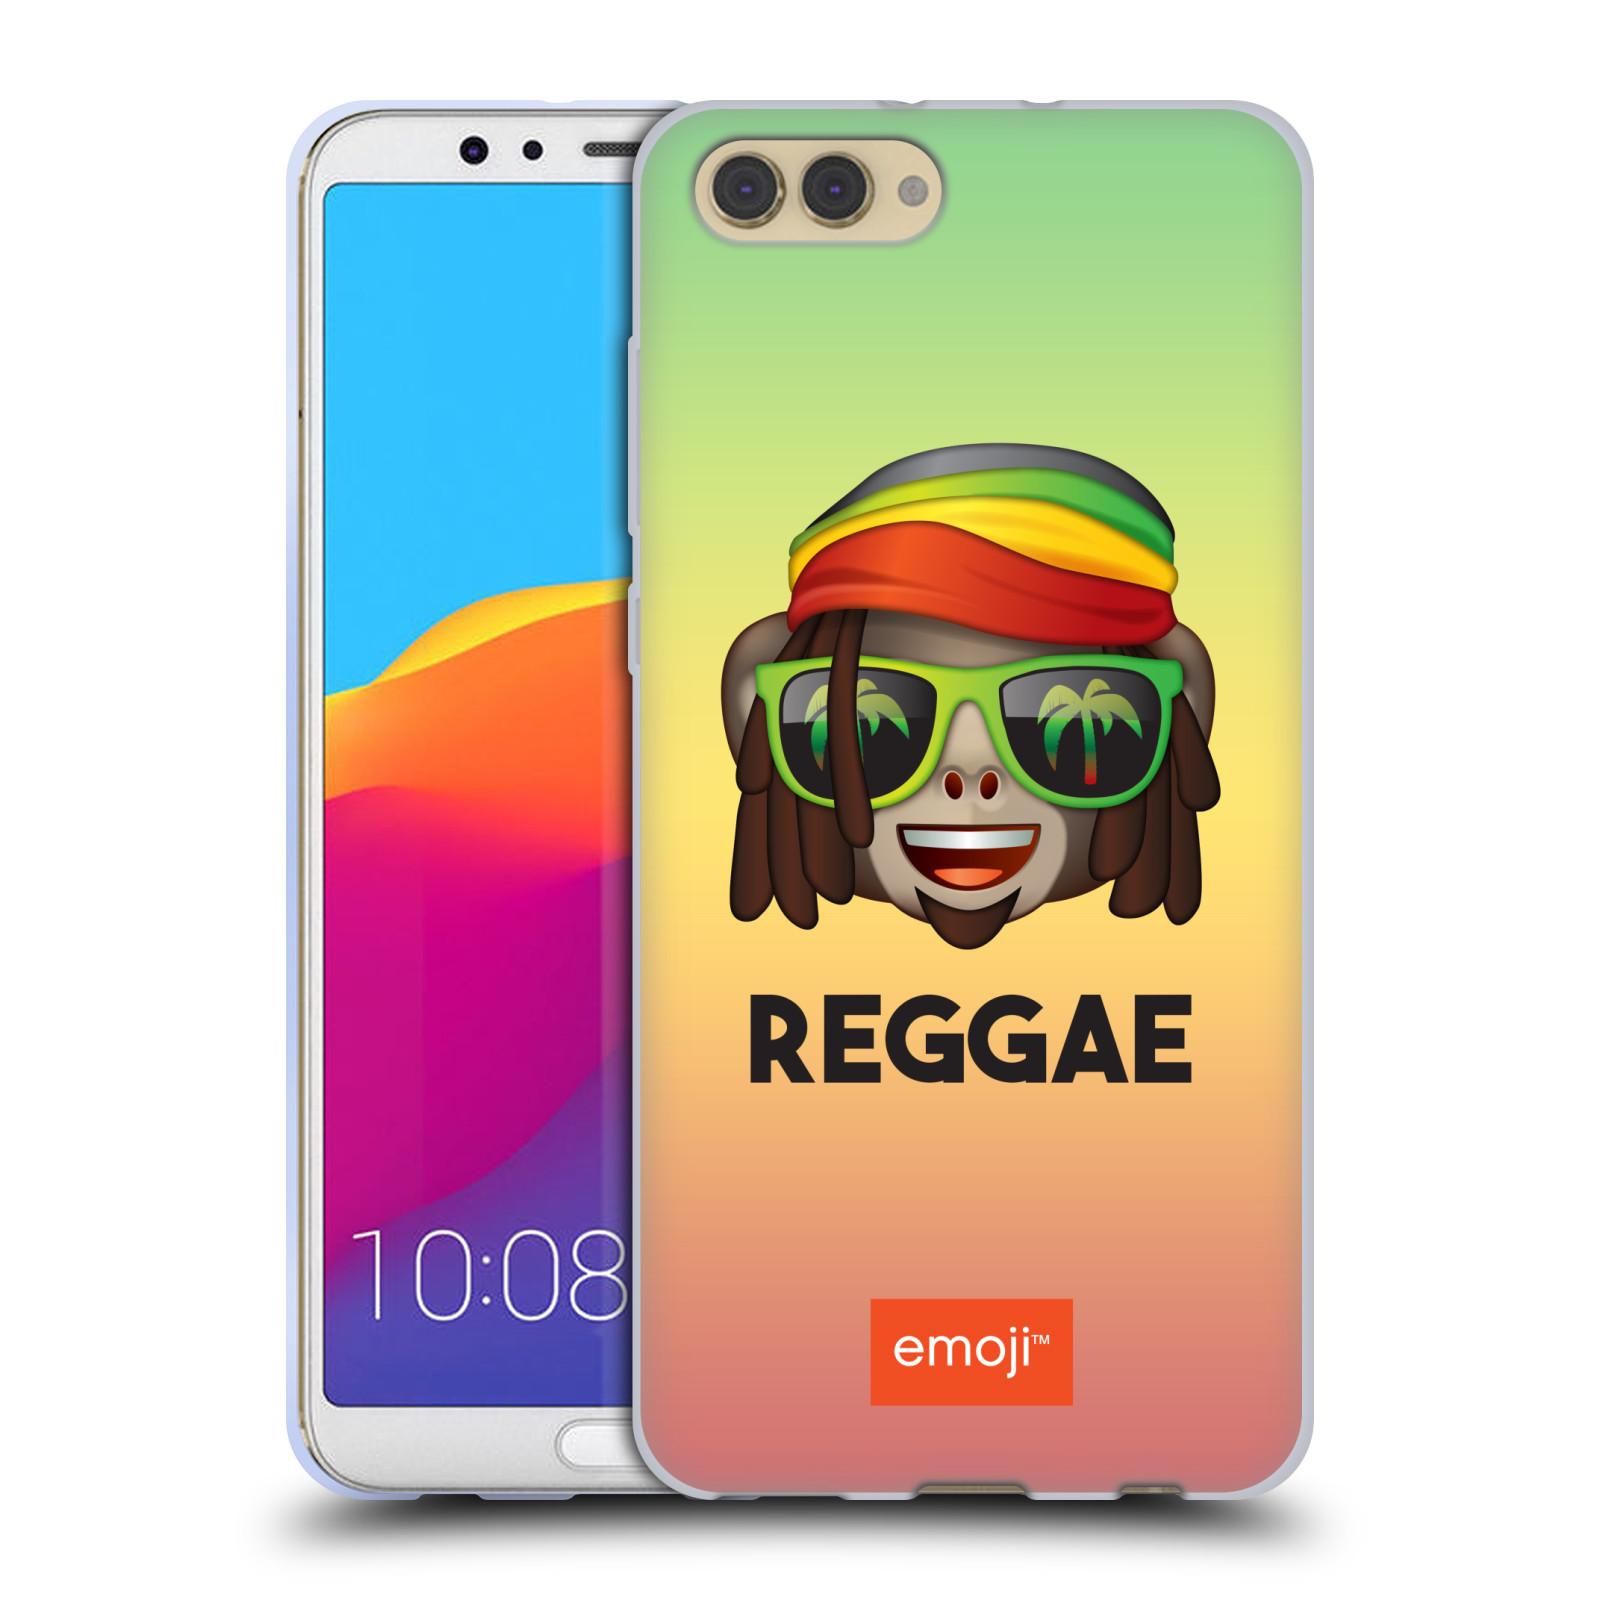 HEAD CASE silikonový obal na mobil Huawei HONOR VIEW 10 / V10 oficiální kryt EMOJI hudba hudební styl Reggae